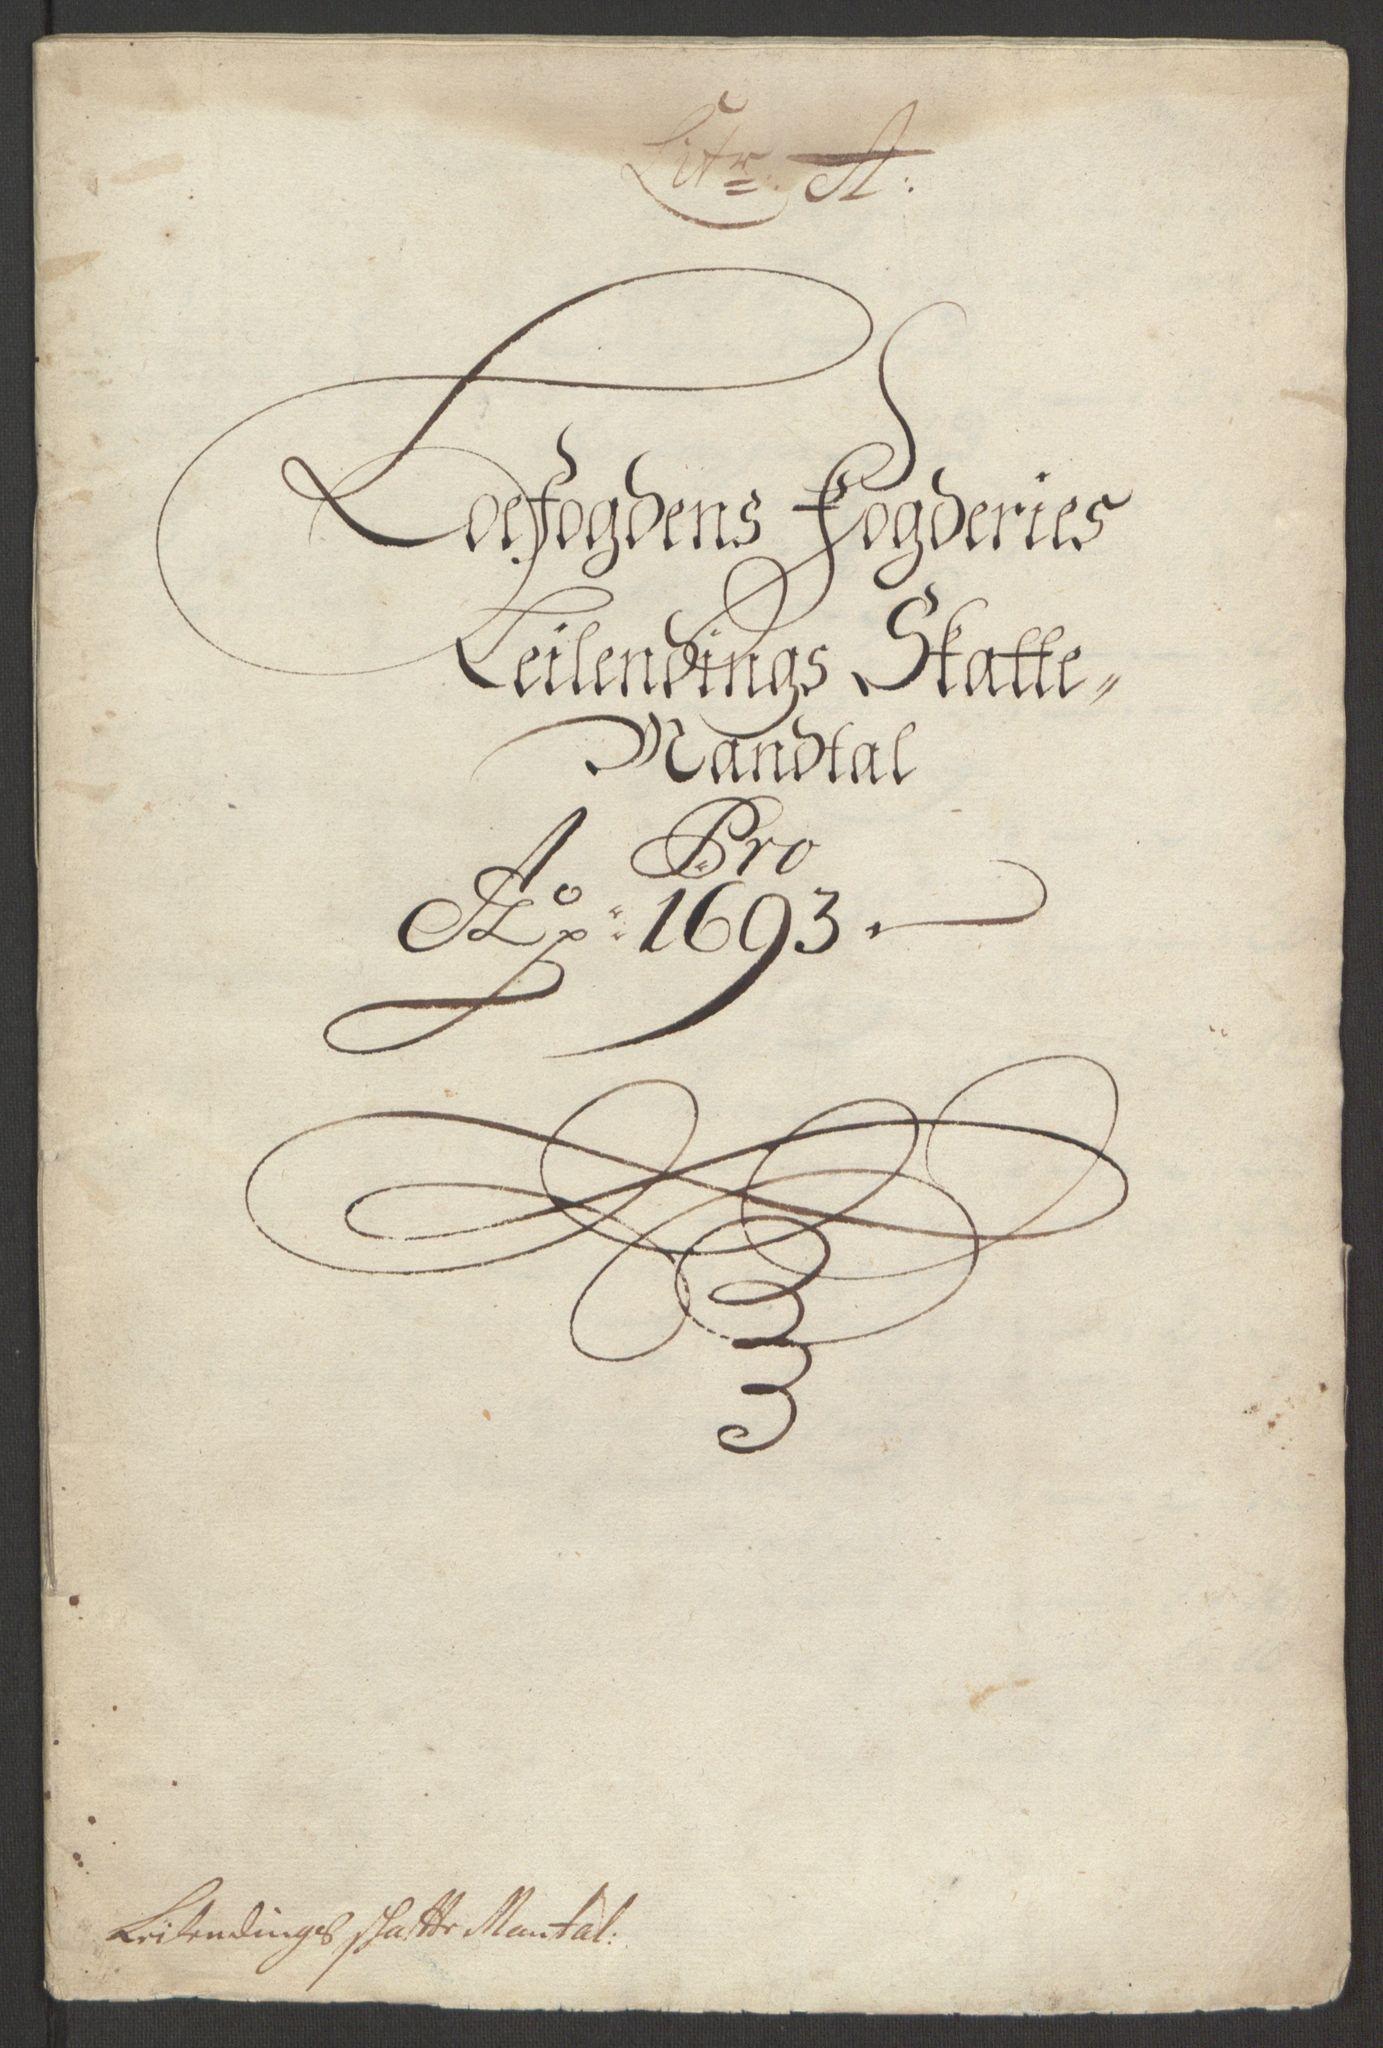 RA, Rentekammeret inntil 1814, Reviderte regnskaper, Fogderegnskap, R67/L4675: Fogderegnskap Vesterålen, Andenes og Lofoten, 1691-1693, s. 229